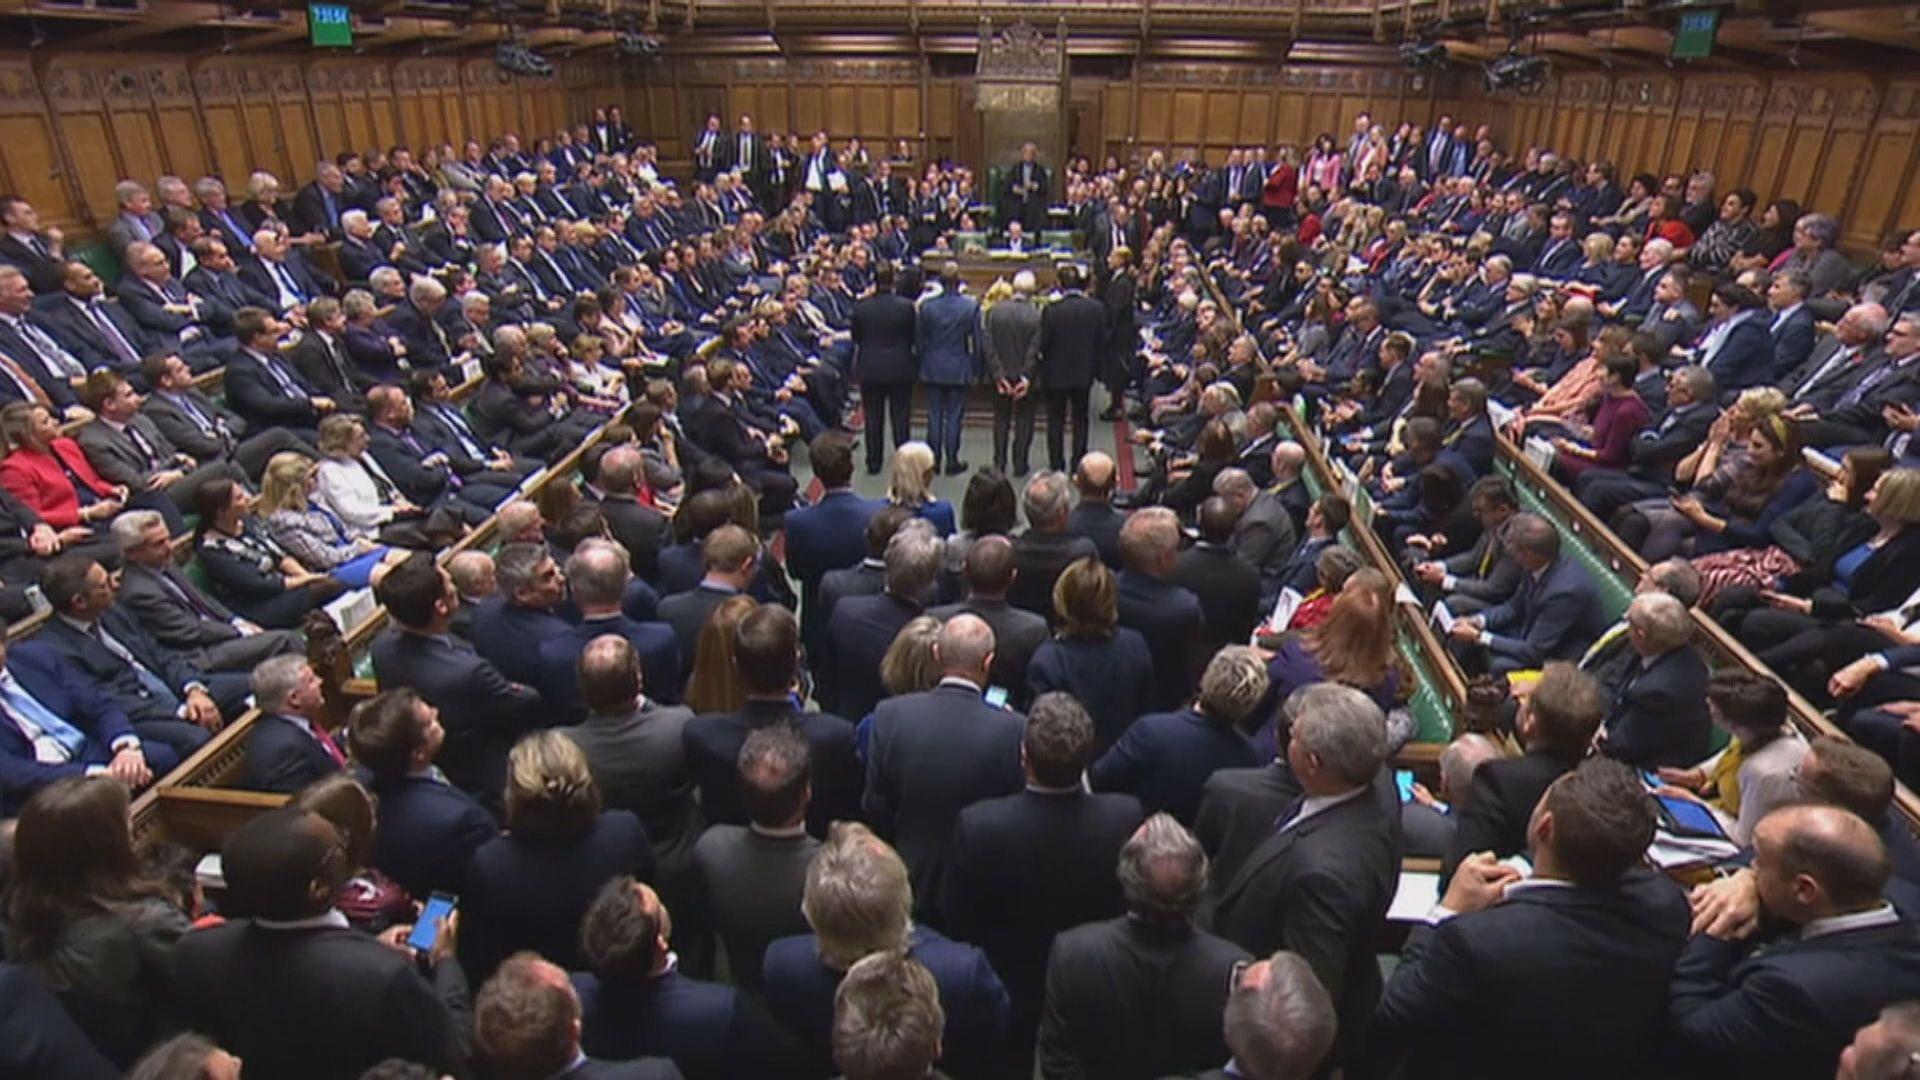 英國政府暫停脫歐立法工作